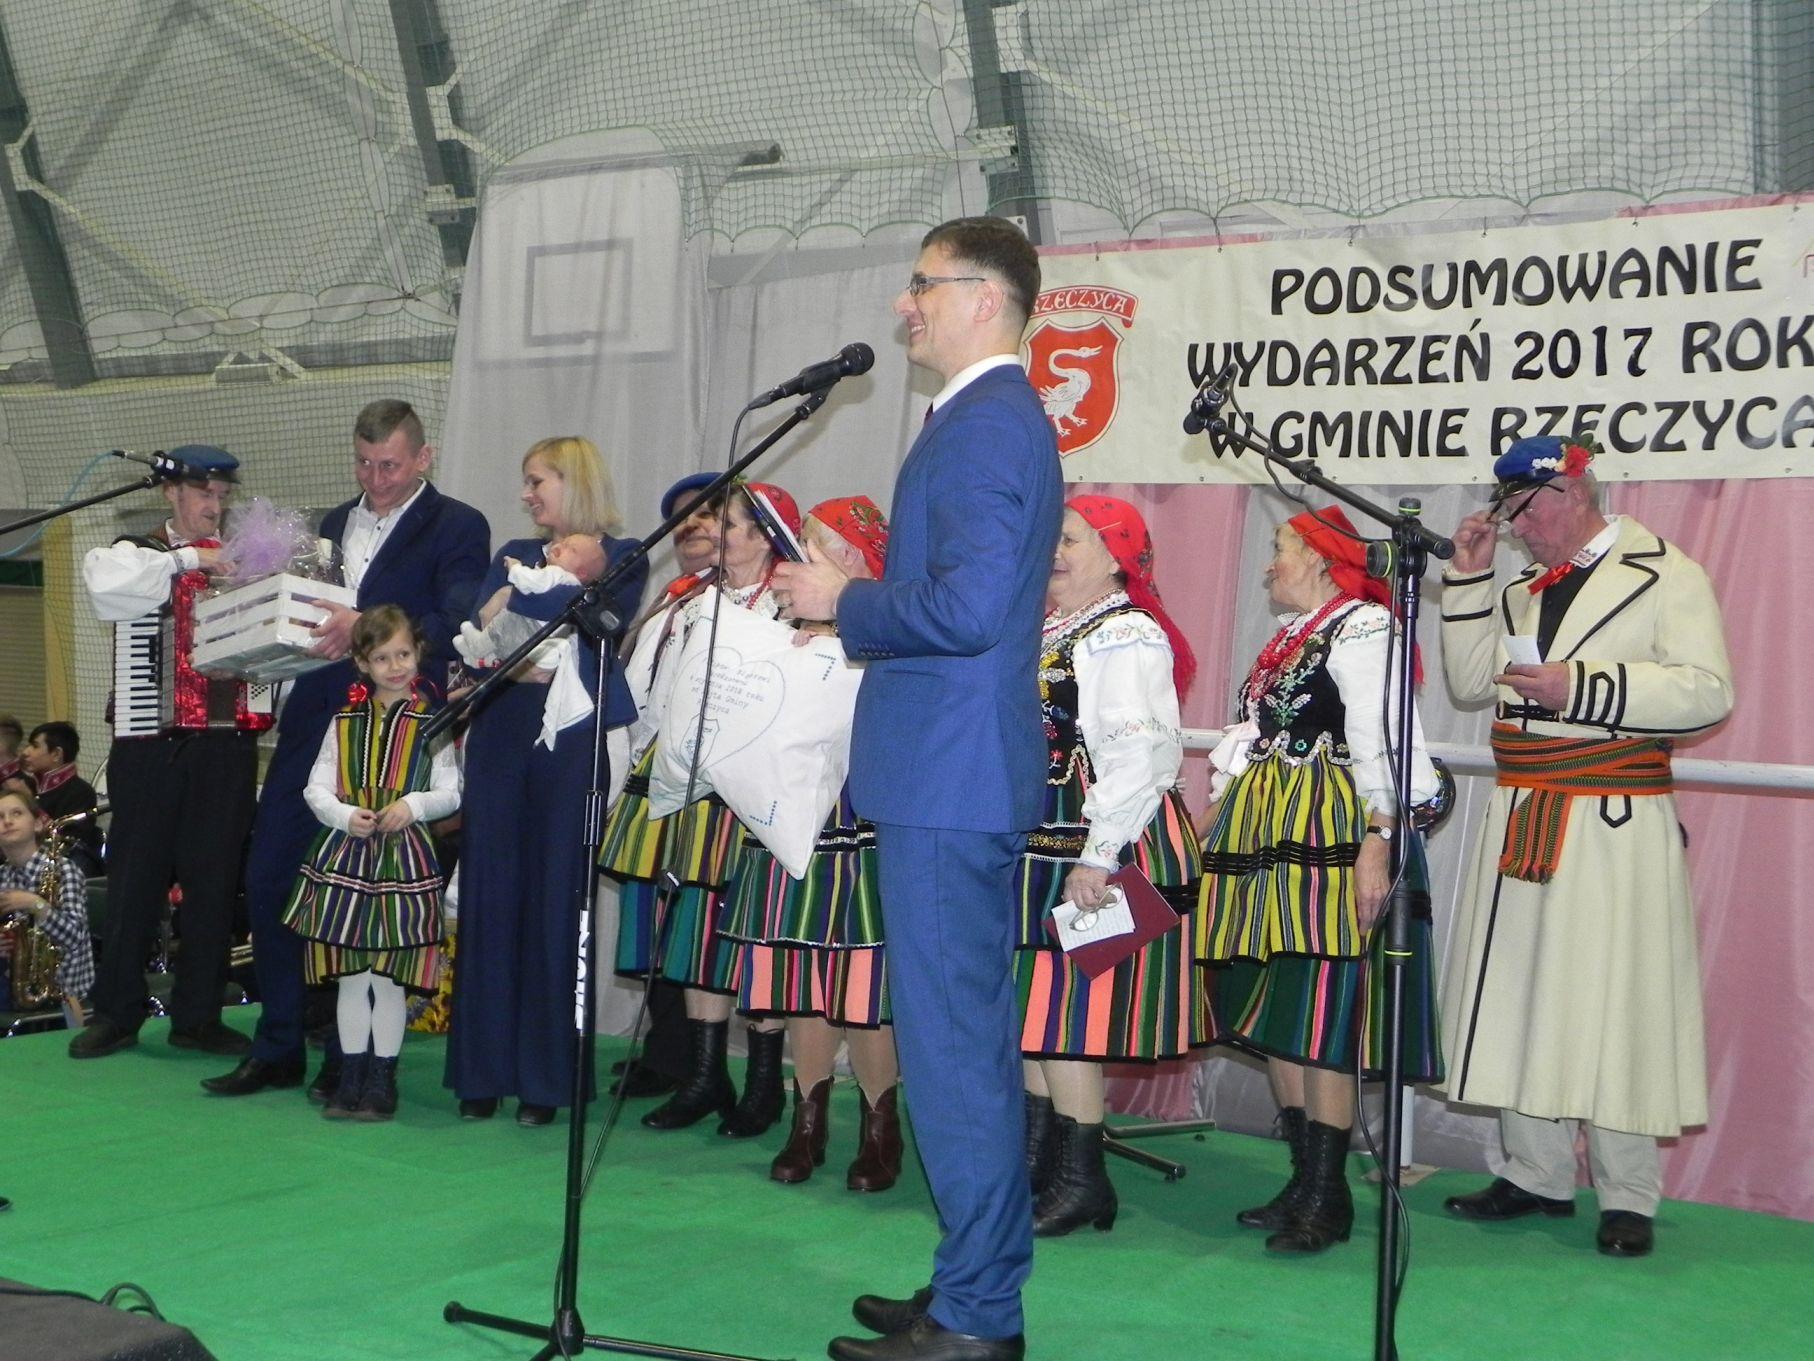 2018-02-09 Rzeczyca (51)